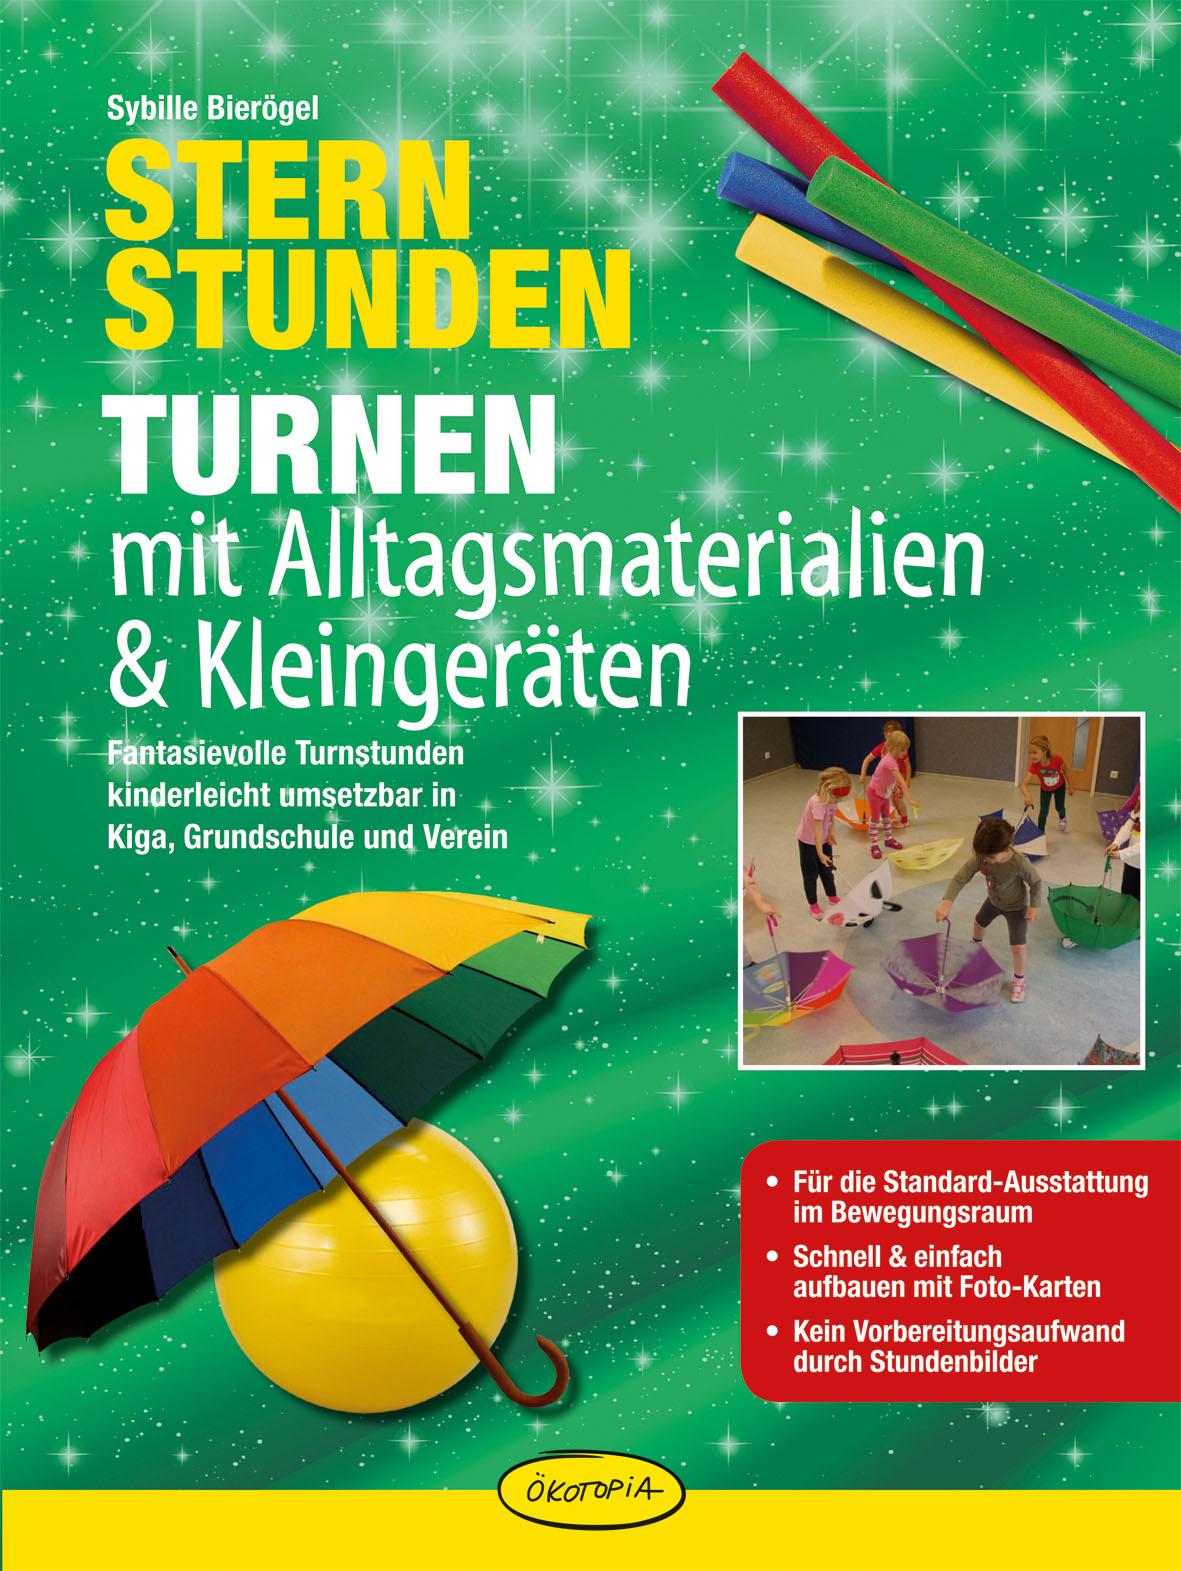 Sternstunden - Turnen mit Alltagsmaterialien & Kleingeräten Sybille Bierögel